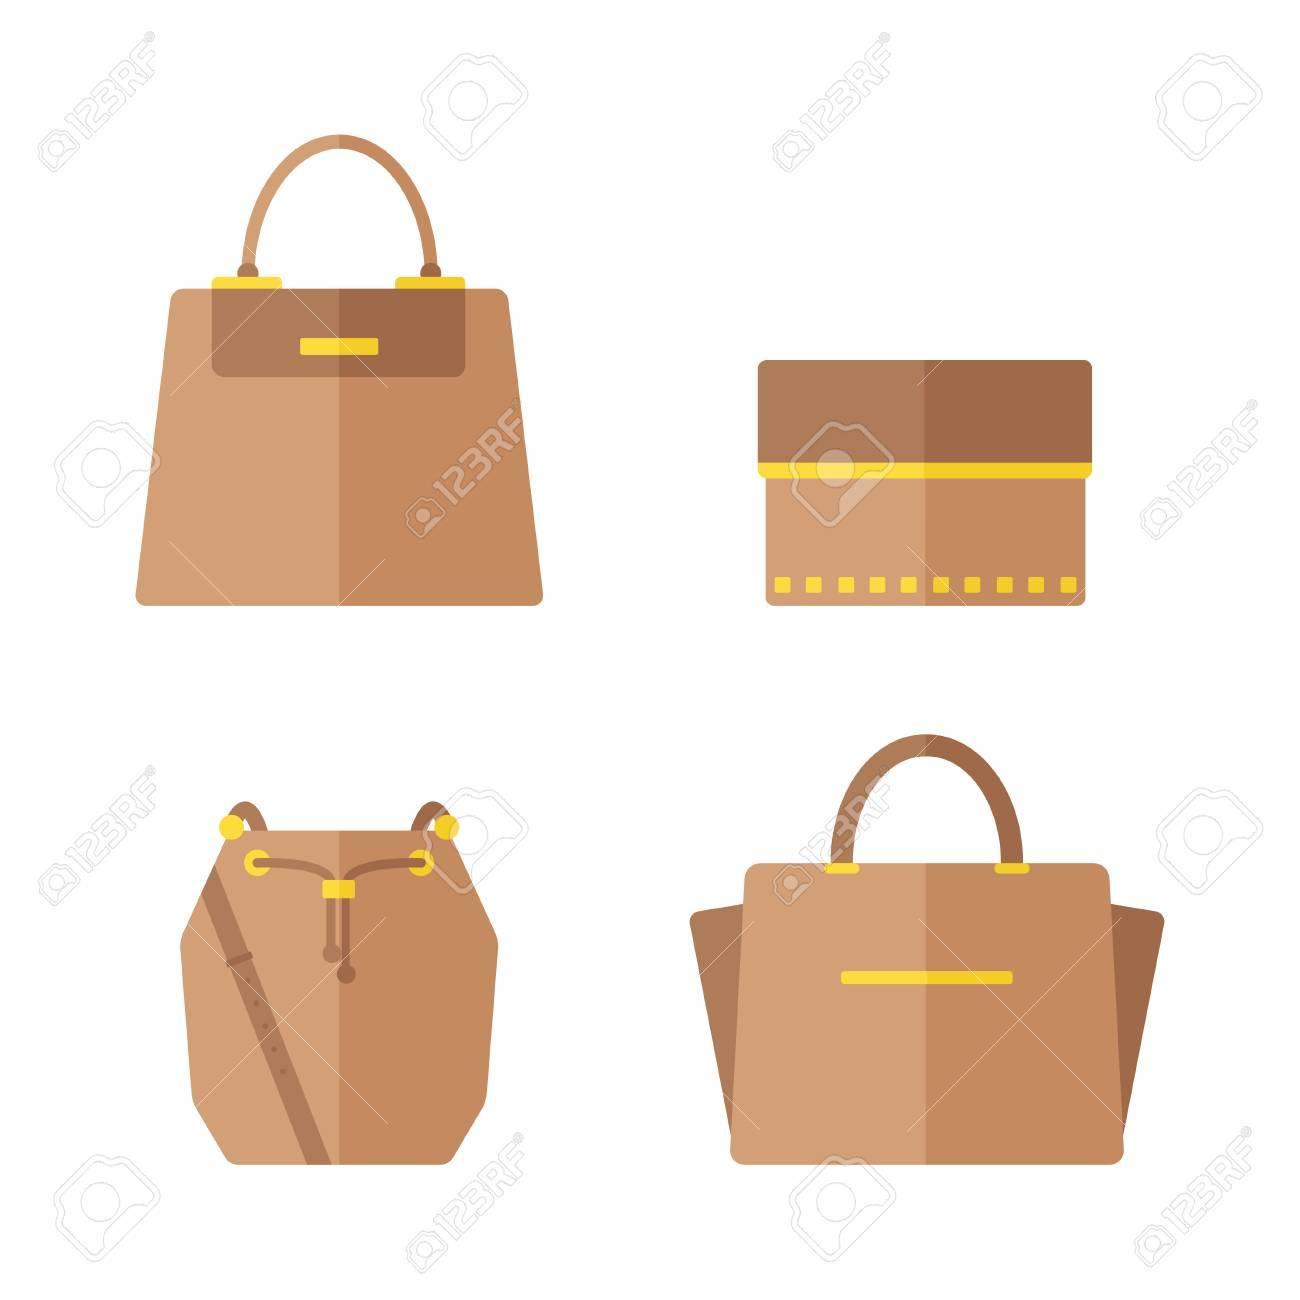 b8cb4f7df Foto de archivo - Icono de bolsa aislado sobre fondo blanco. Conjunto de  bolsas de mujer. Ilustración vectorial de diseño plano.